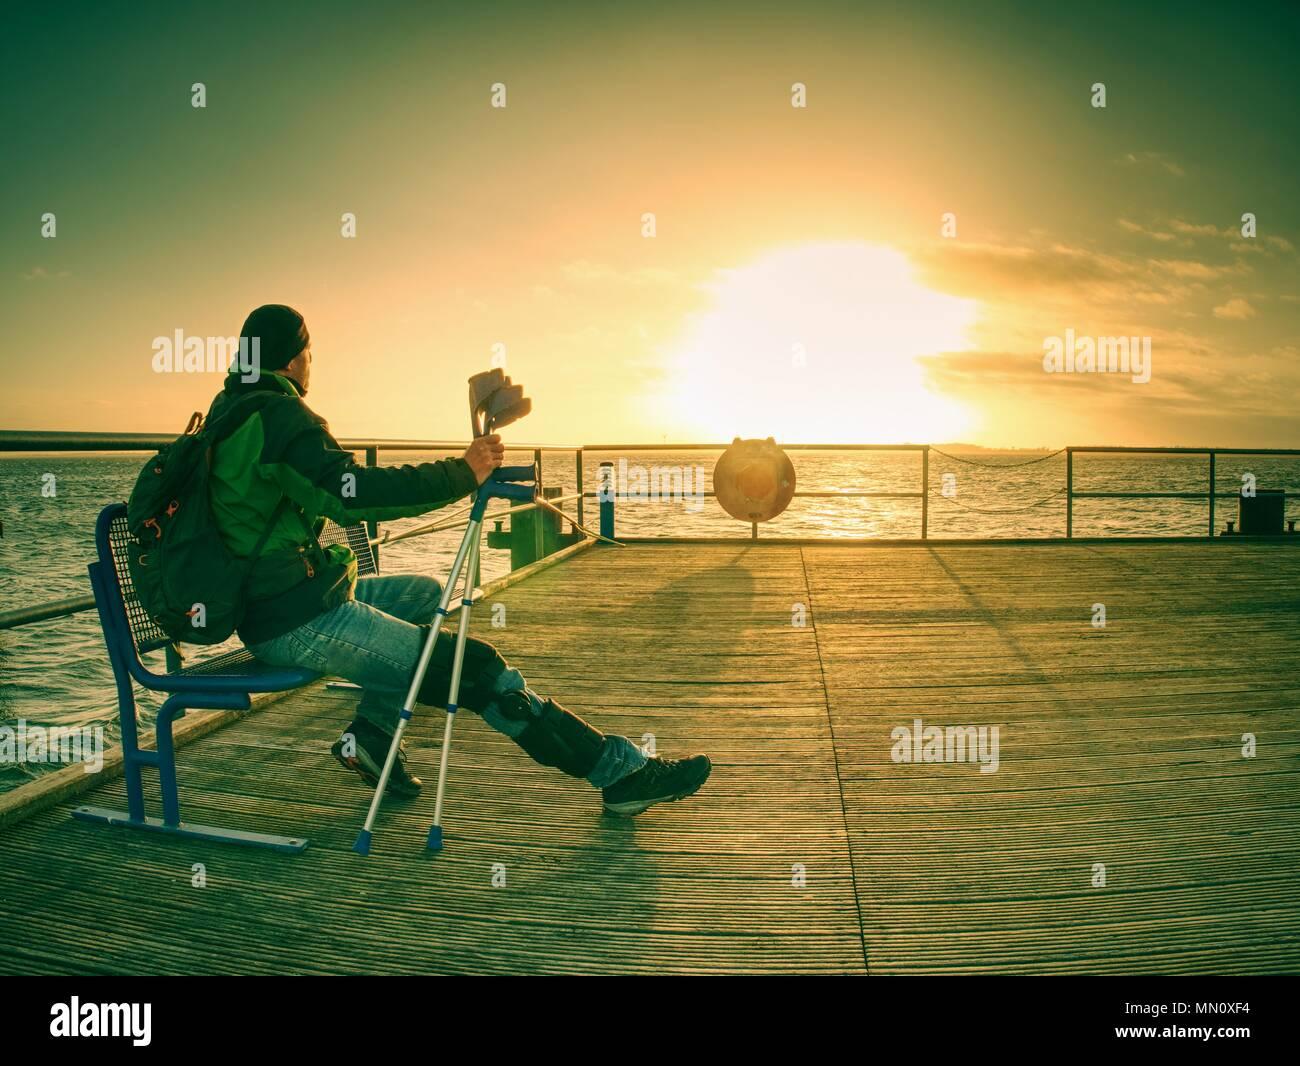 Sombría silueta nostálgica de triste melancólico solitario hombre adulto con chaqueta con capucha parado sobre el puente del lago dentro de madrugada y pensando Imagen De Stock